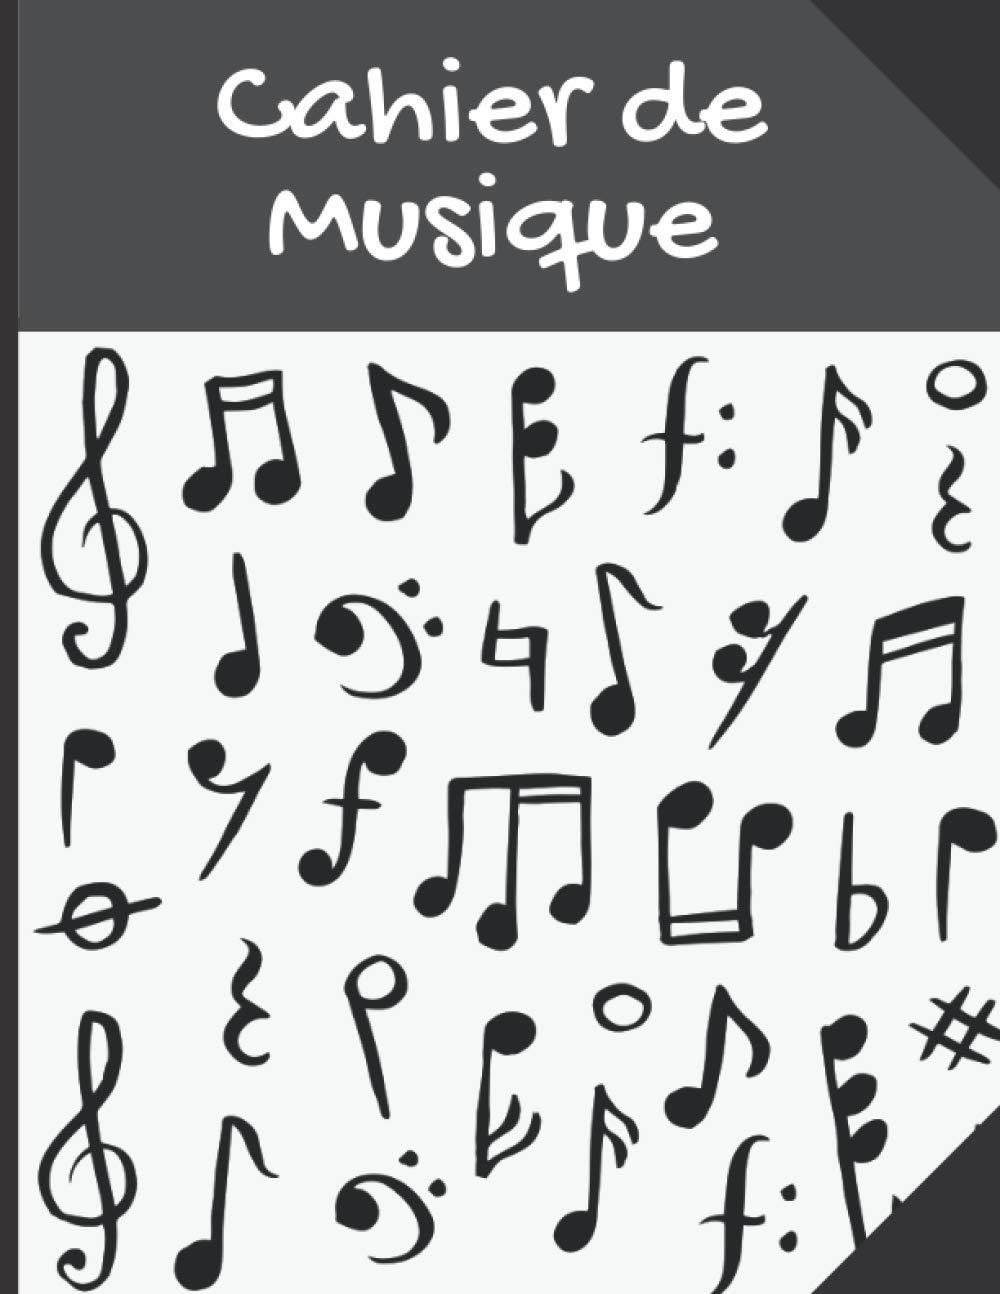 Cahier De Musique Pour La Composition Musicale Avec 10 Portees Par Page Partitions Vierges Idee Cadeau Musicien French Edition Matt Ecolier Editions 9798684813085 Amazon Com Books